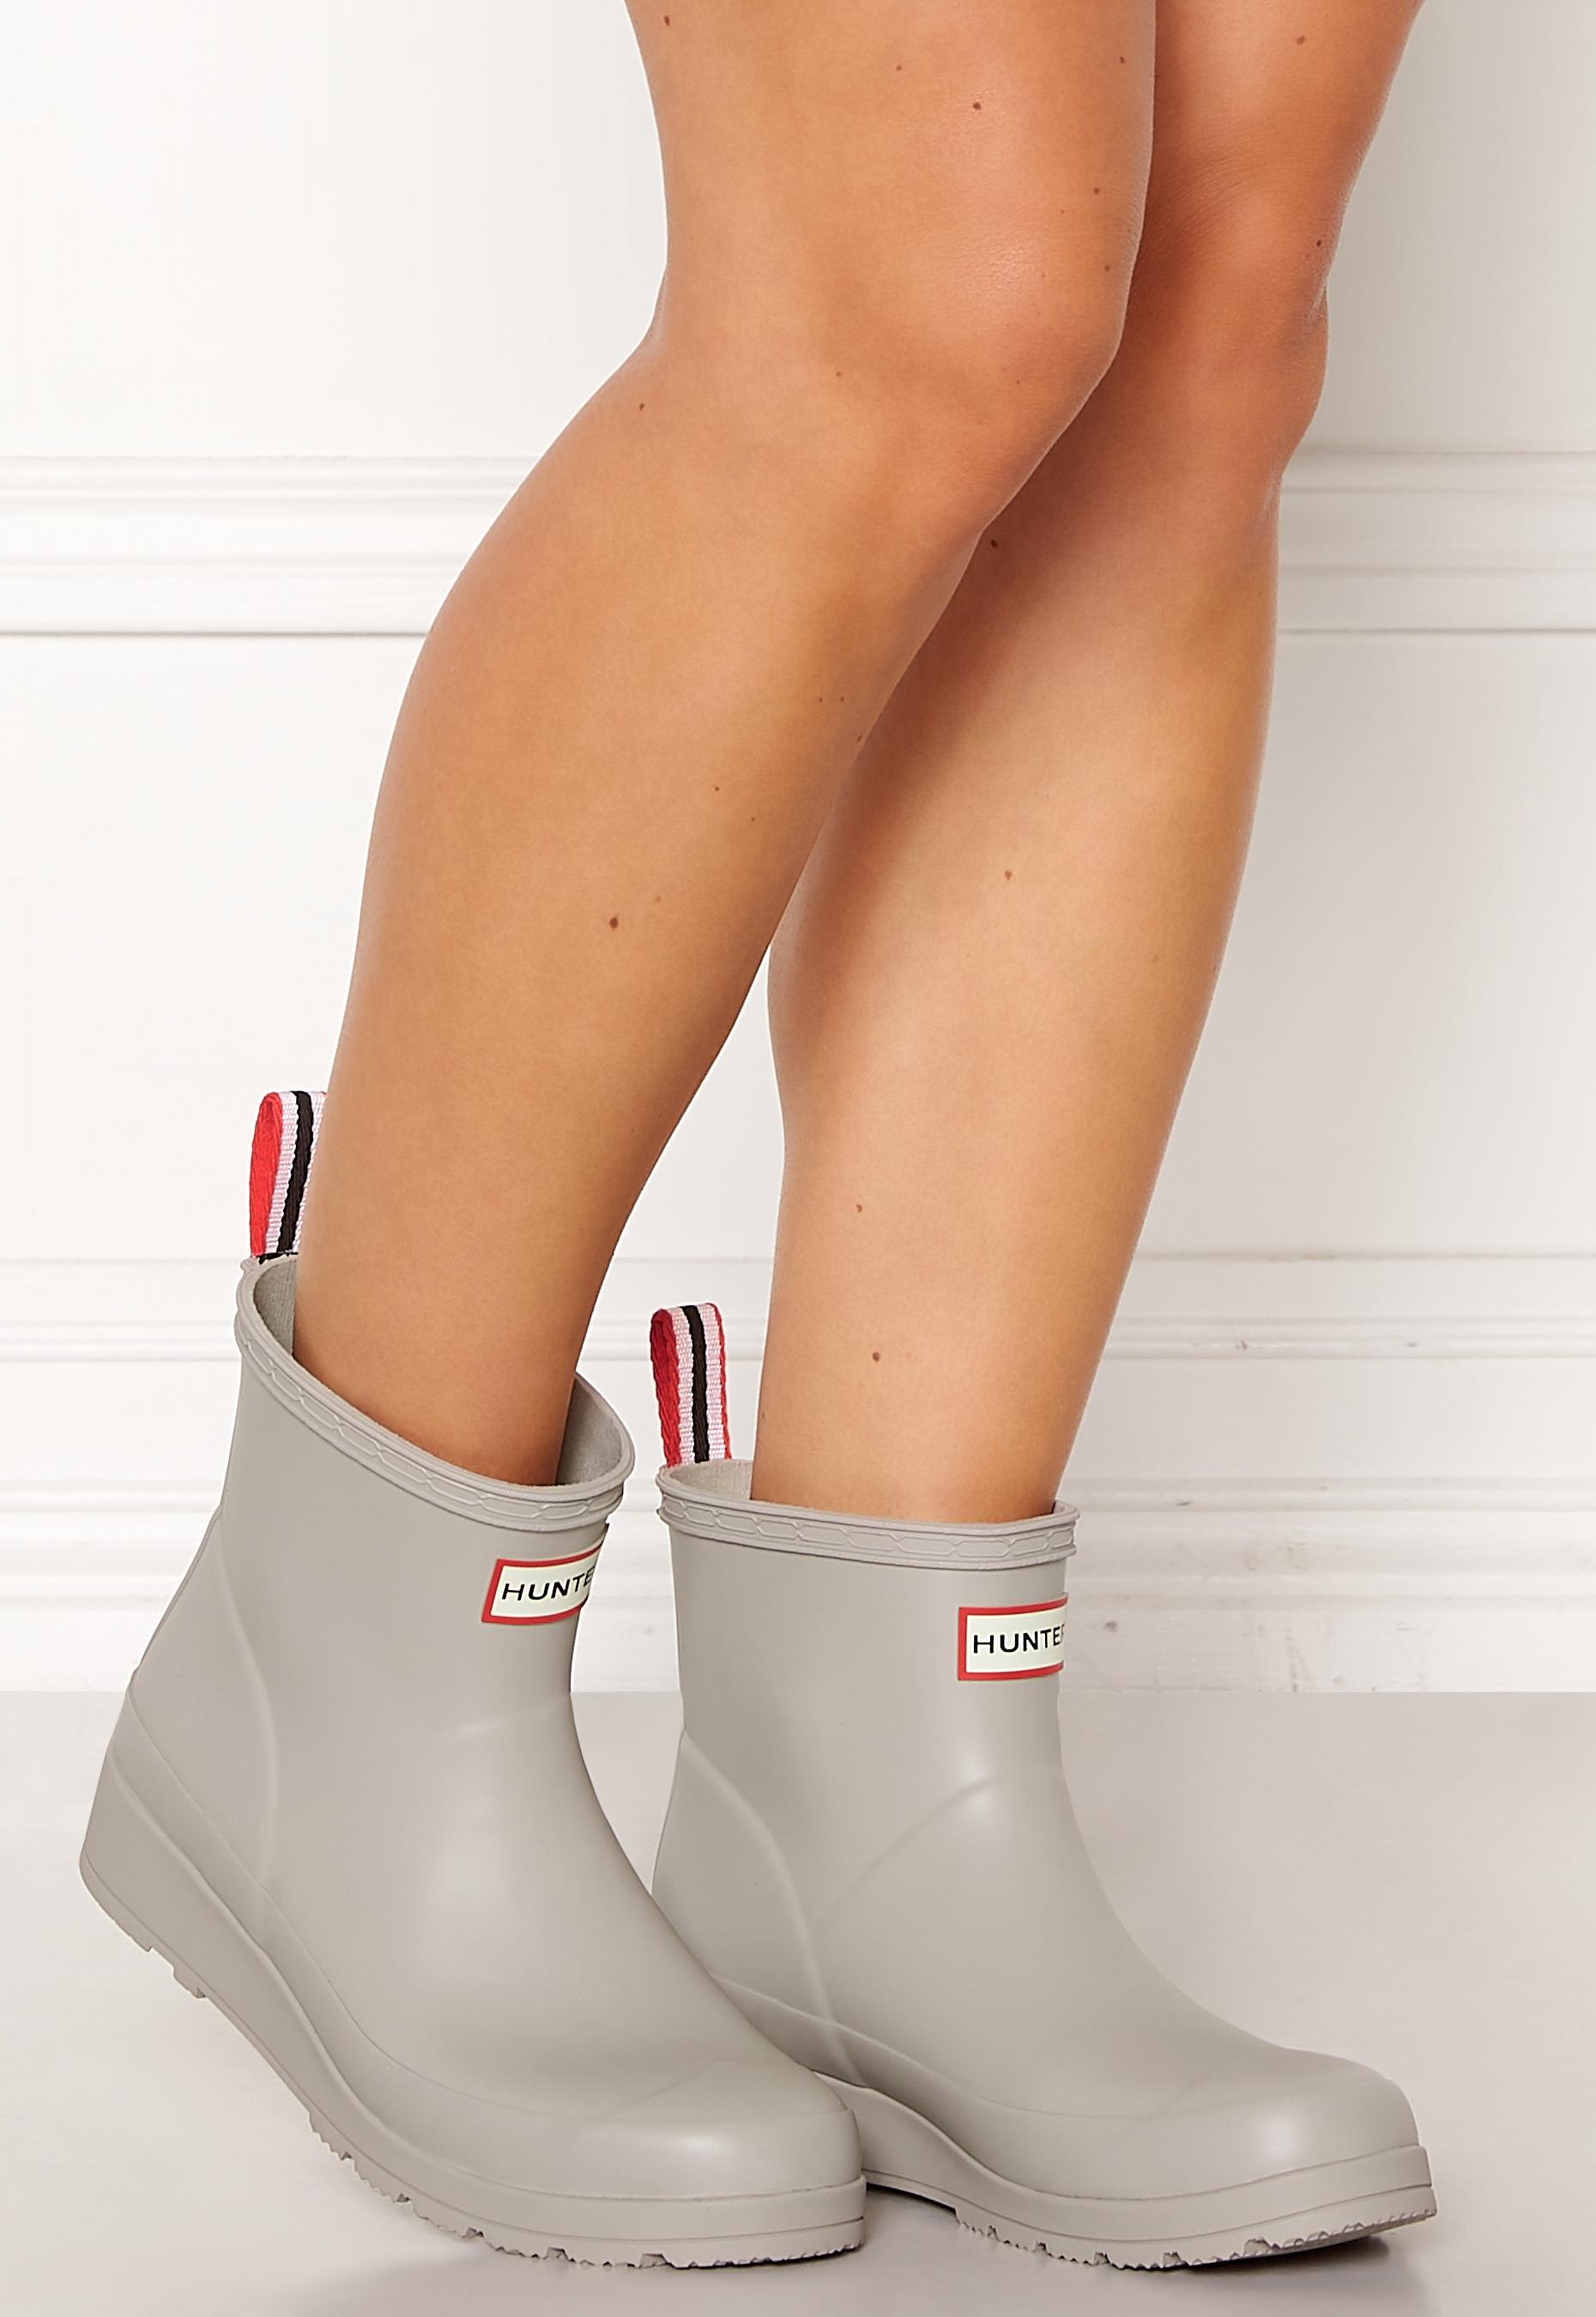 Hunter Boots Play Boot Short Rain Boots | Dillard's